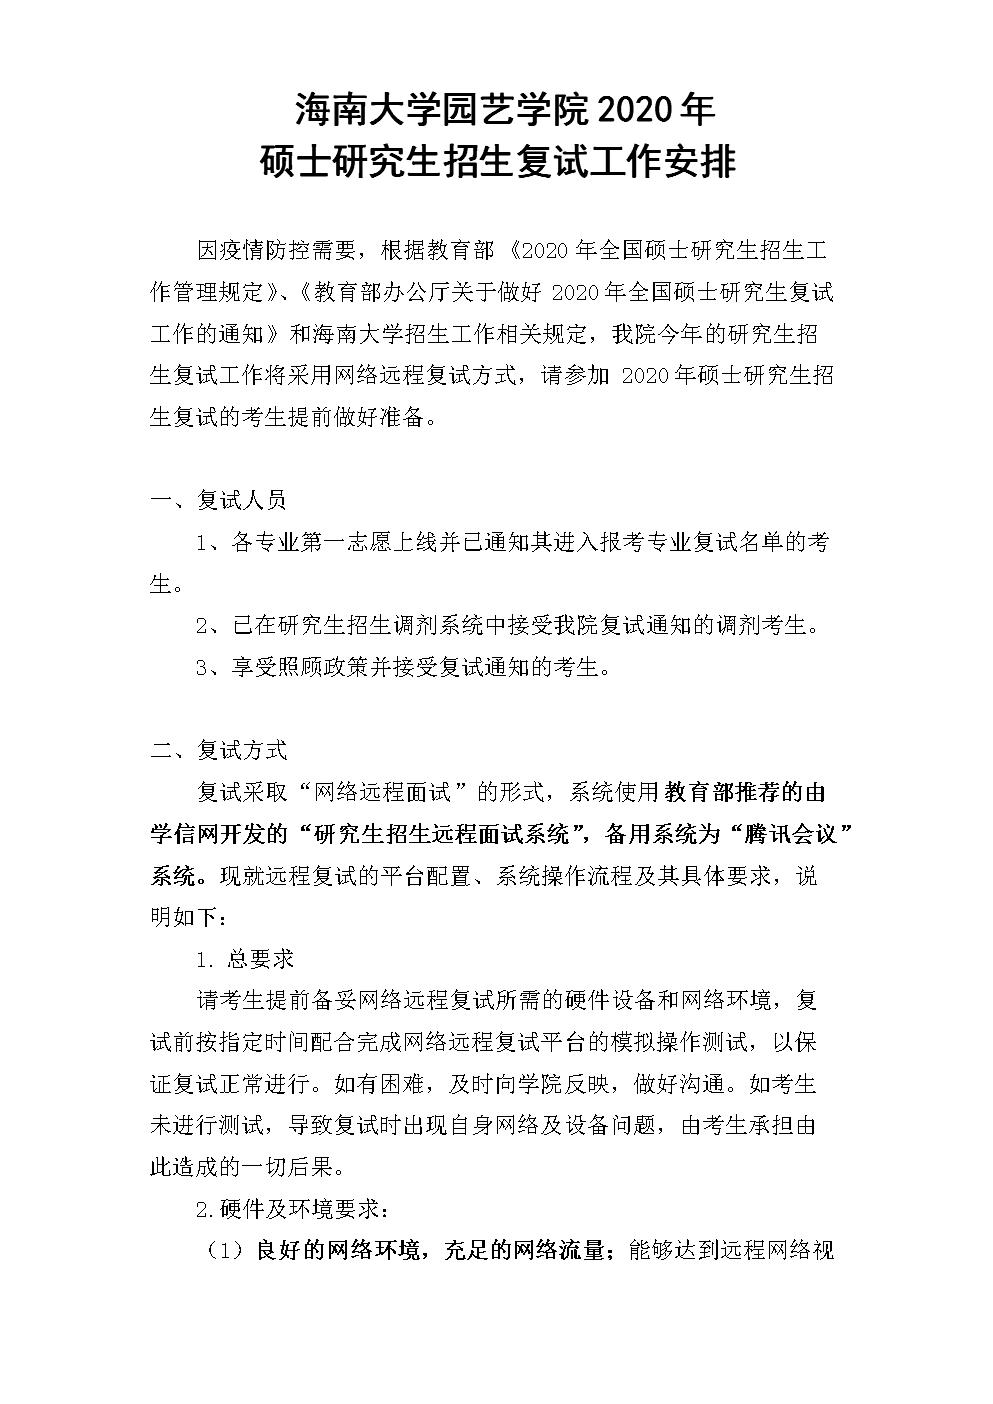 海南大学园艺学院2020年.doc